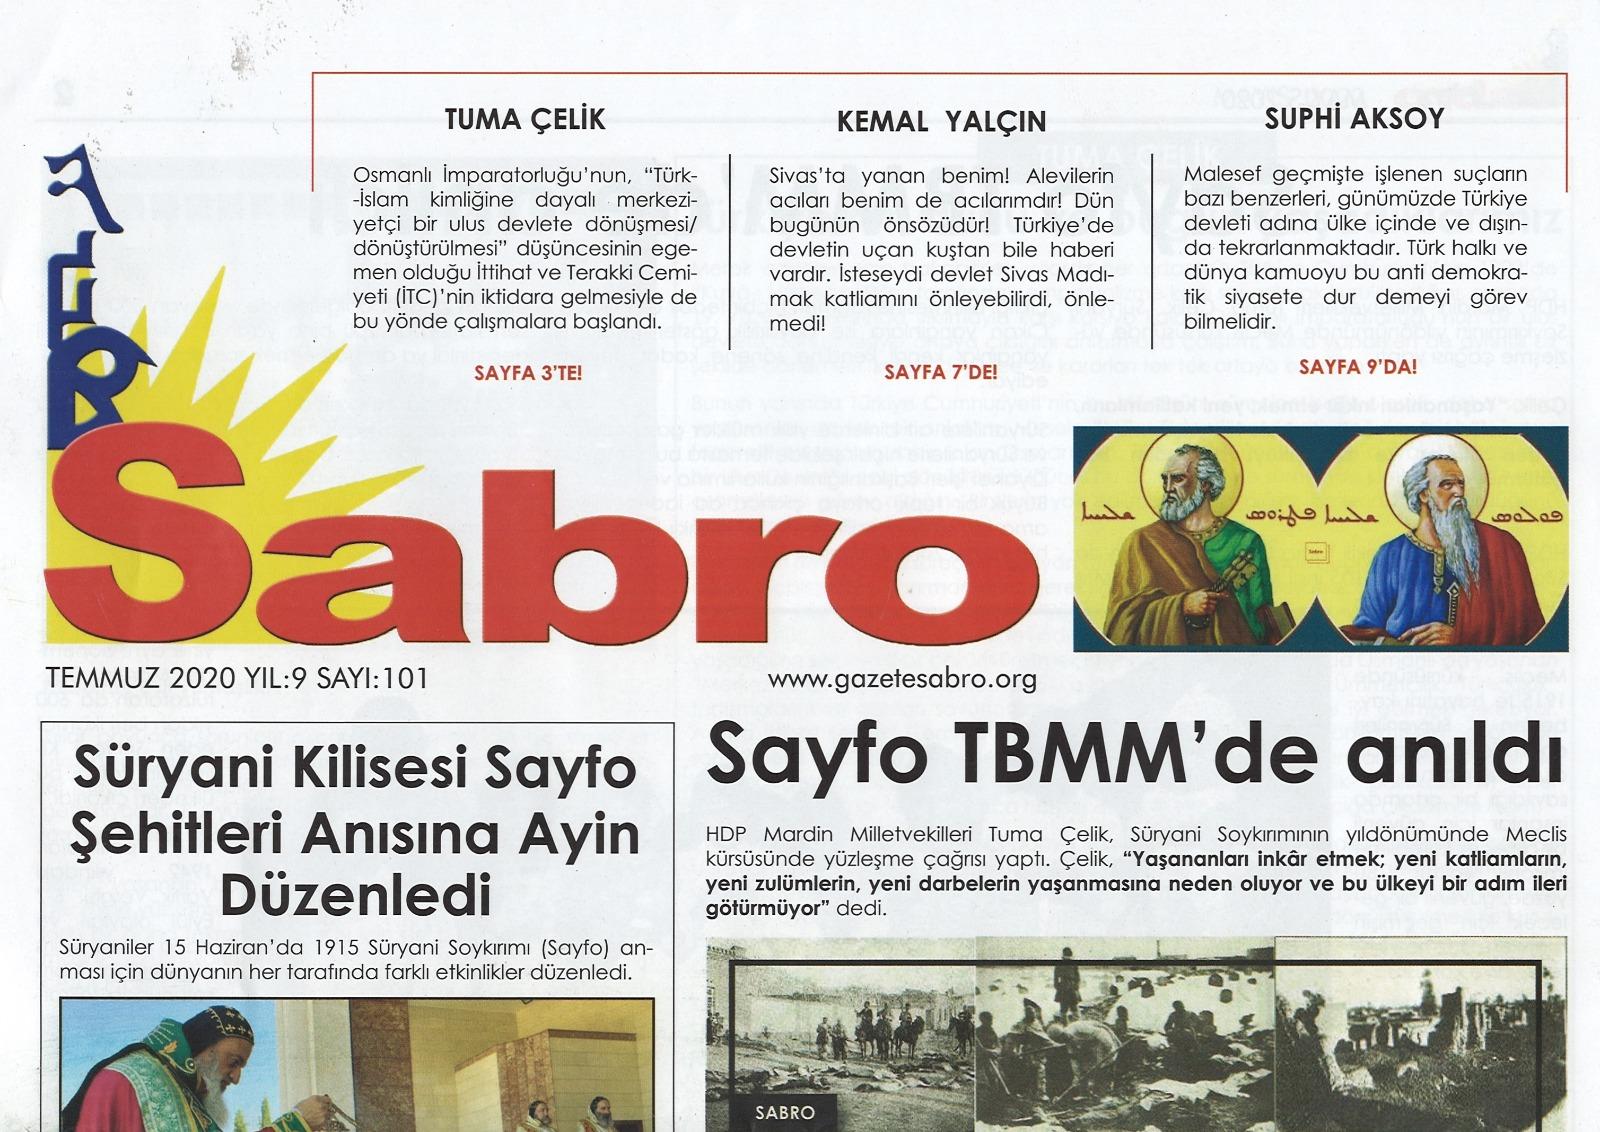 Sabro Gazetesi, Temmuz 2020, Sayı 101